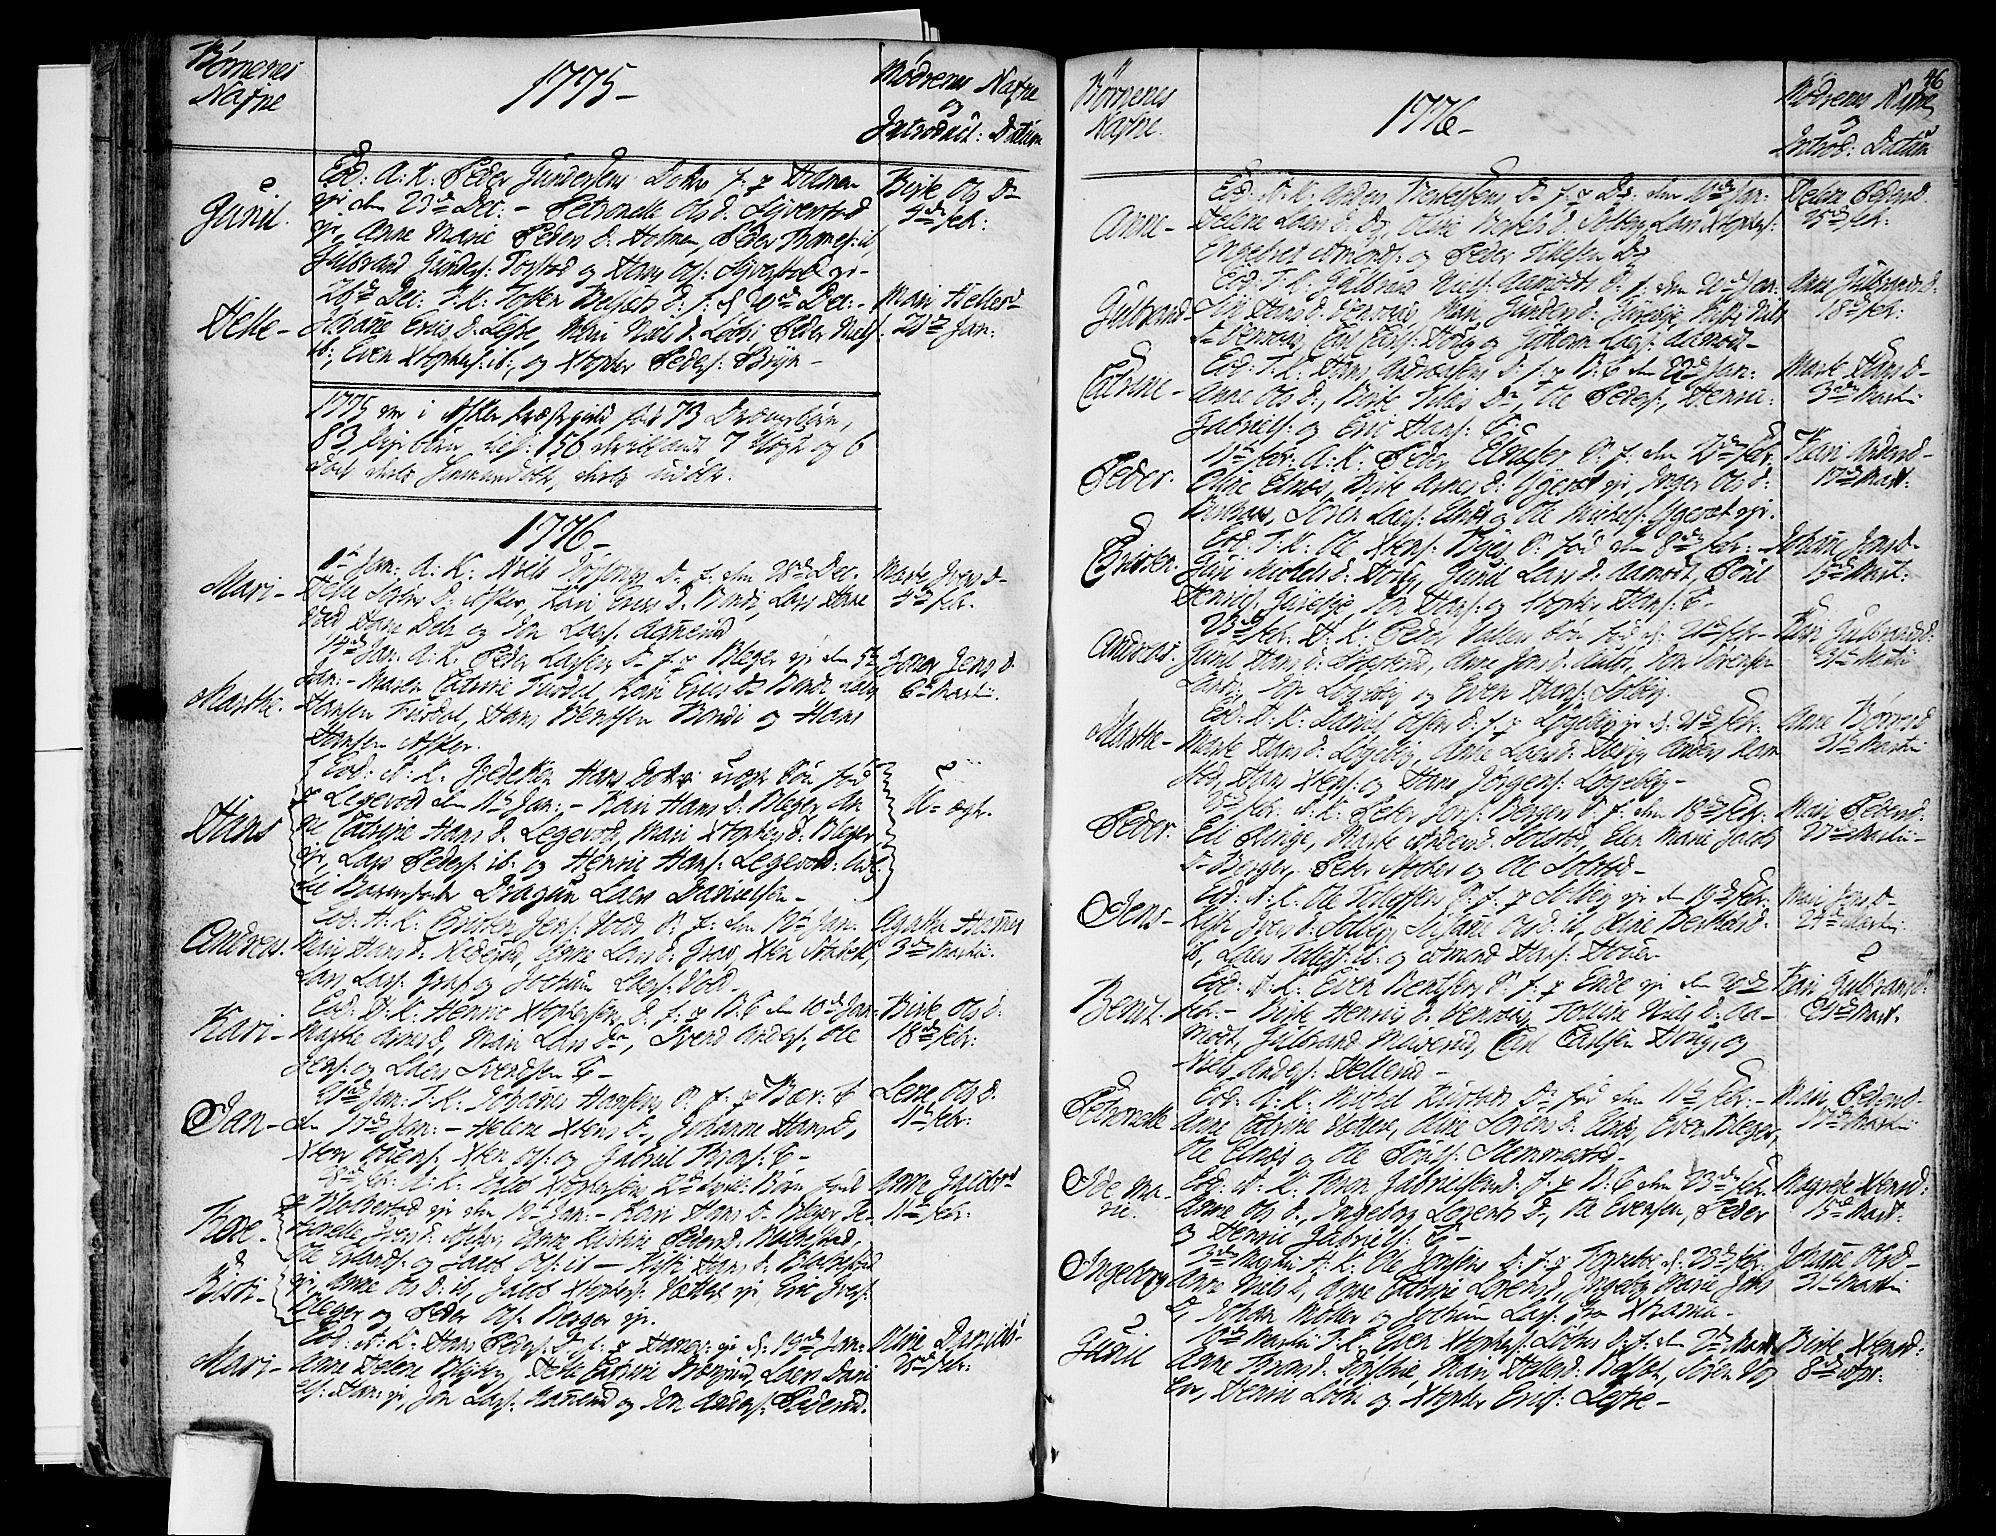 SAO, Asker prestekontor Kirkebøker, F/Fa/L0003: Ministerialbok nr. I 3, 1767-1807, s. 46